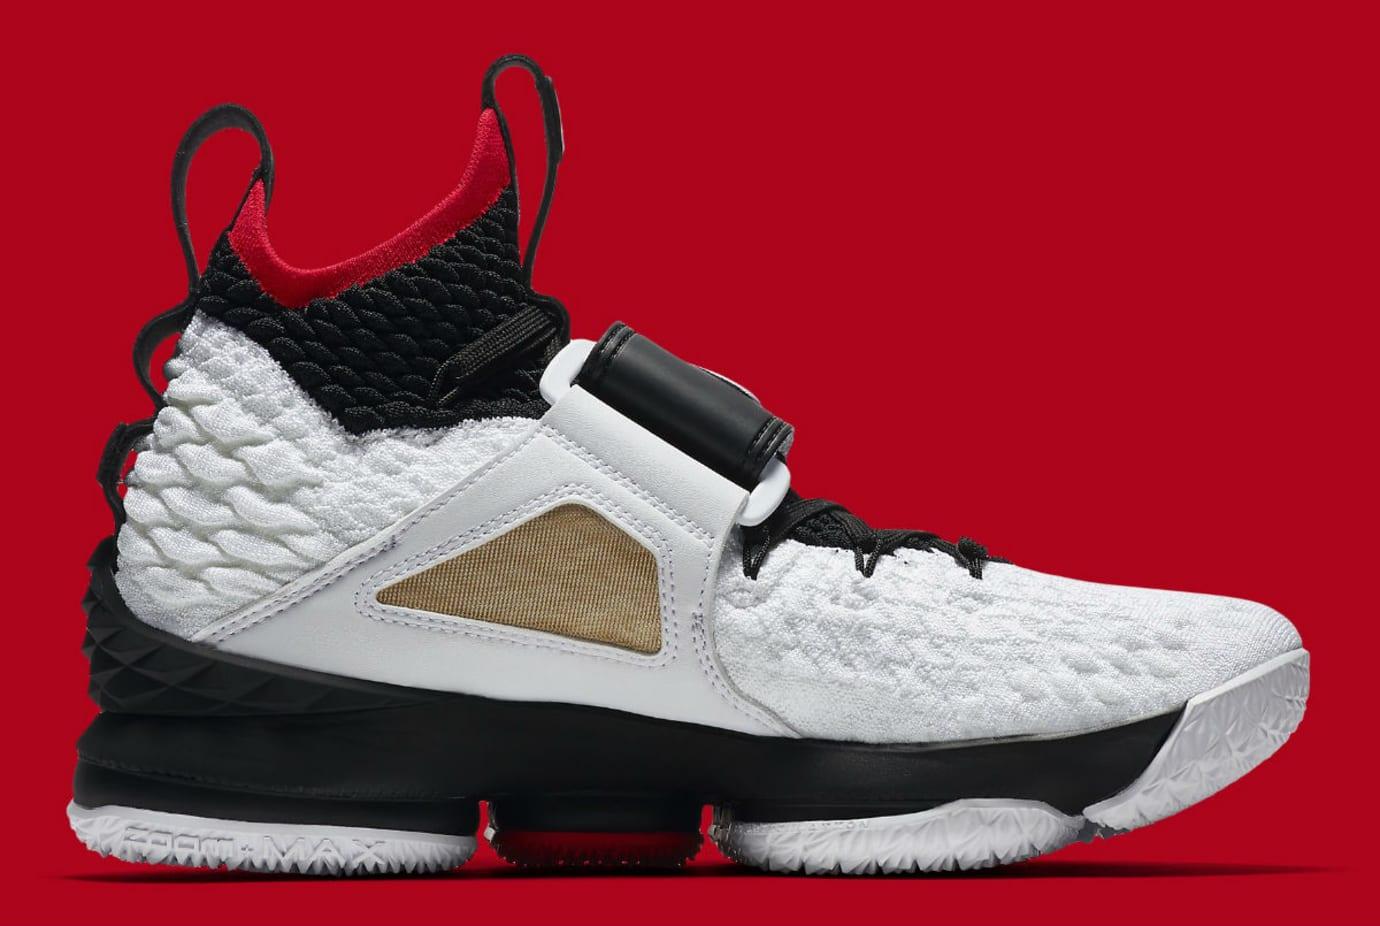 9b4f8160eb18f Nike LeBron 15 Diamond Turf Release Date AO9144-100 Medial